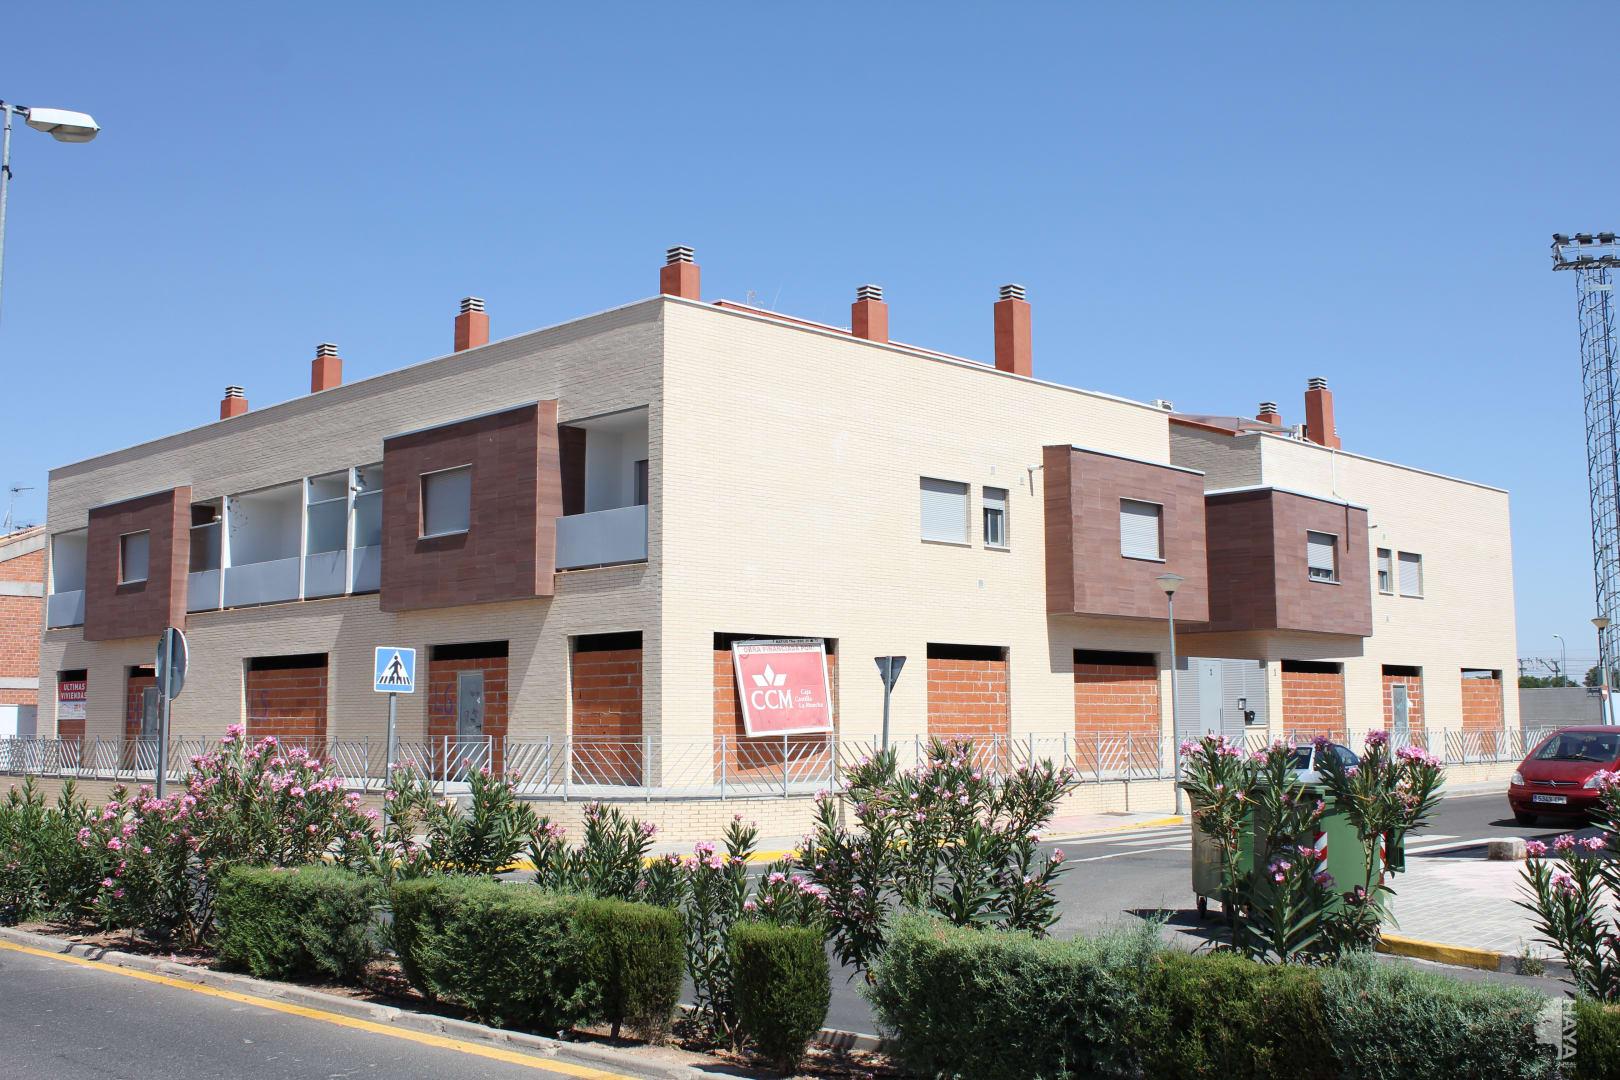 Piso en venta en Miguelturra, Ciudad Real, Calle Chavela Vargas, 73.500 €, 2 habitaciones, 1 baño, 125 m2